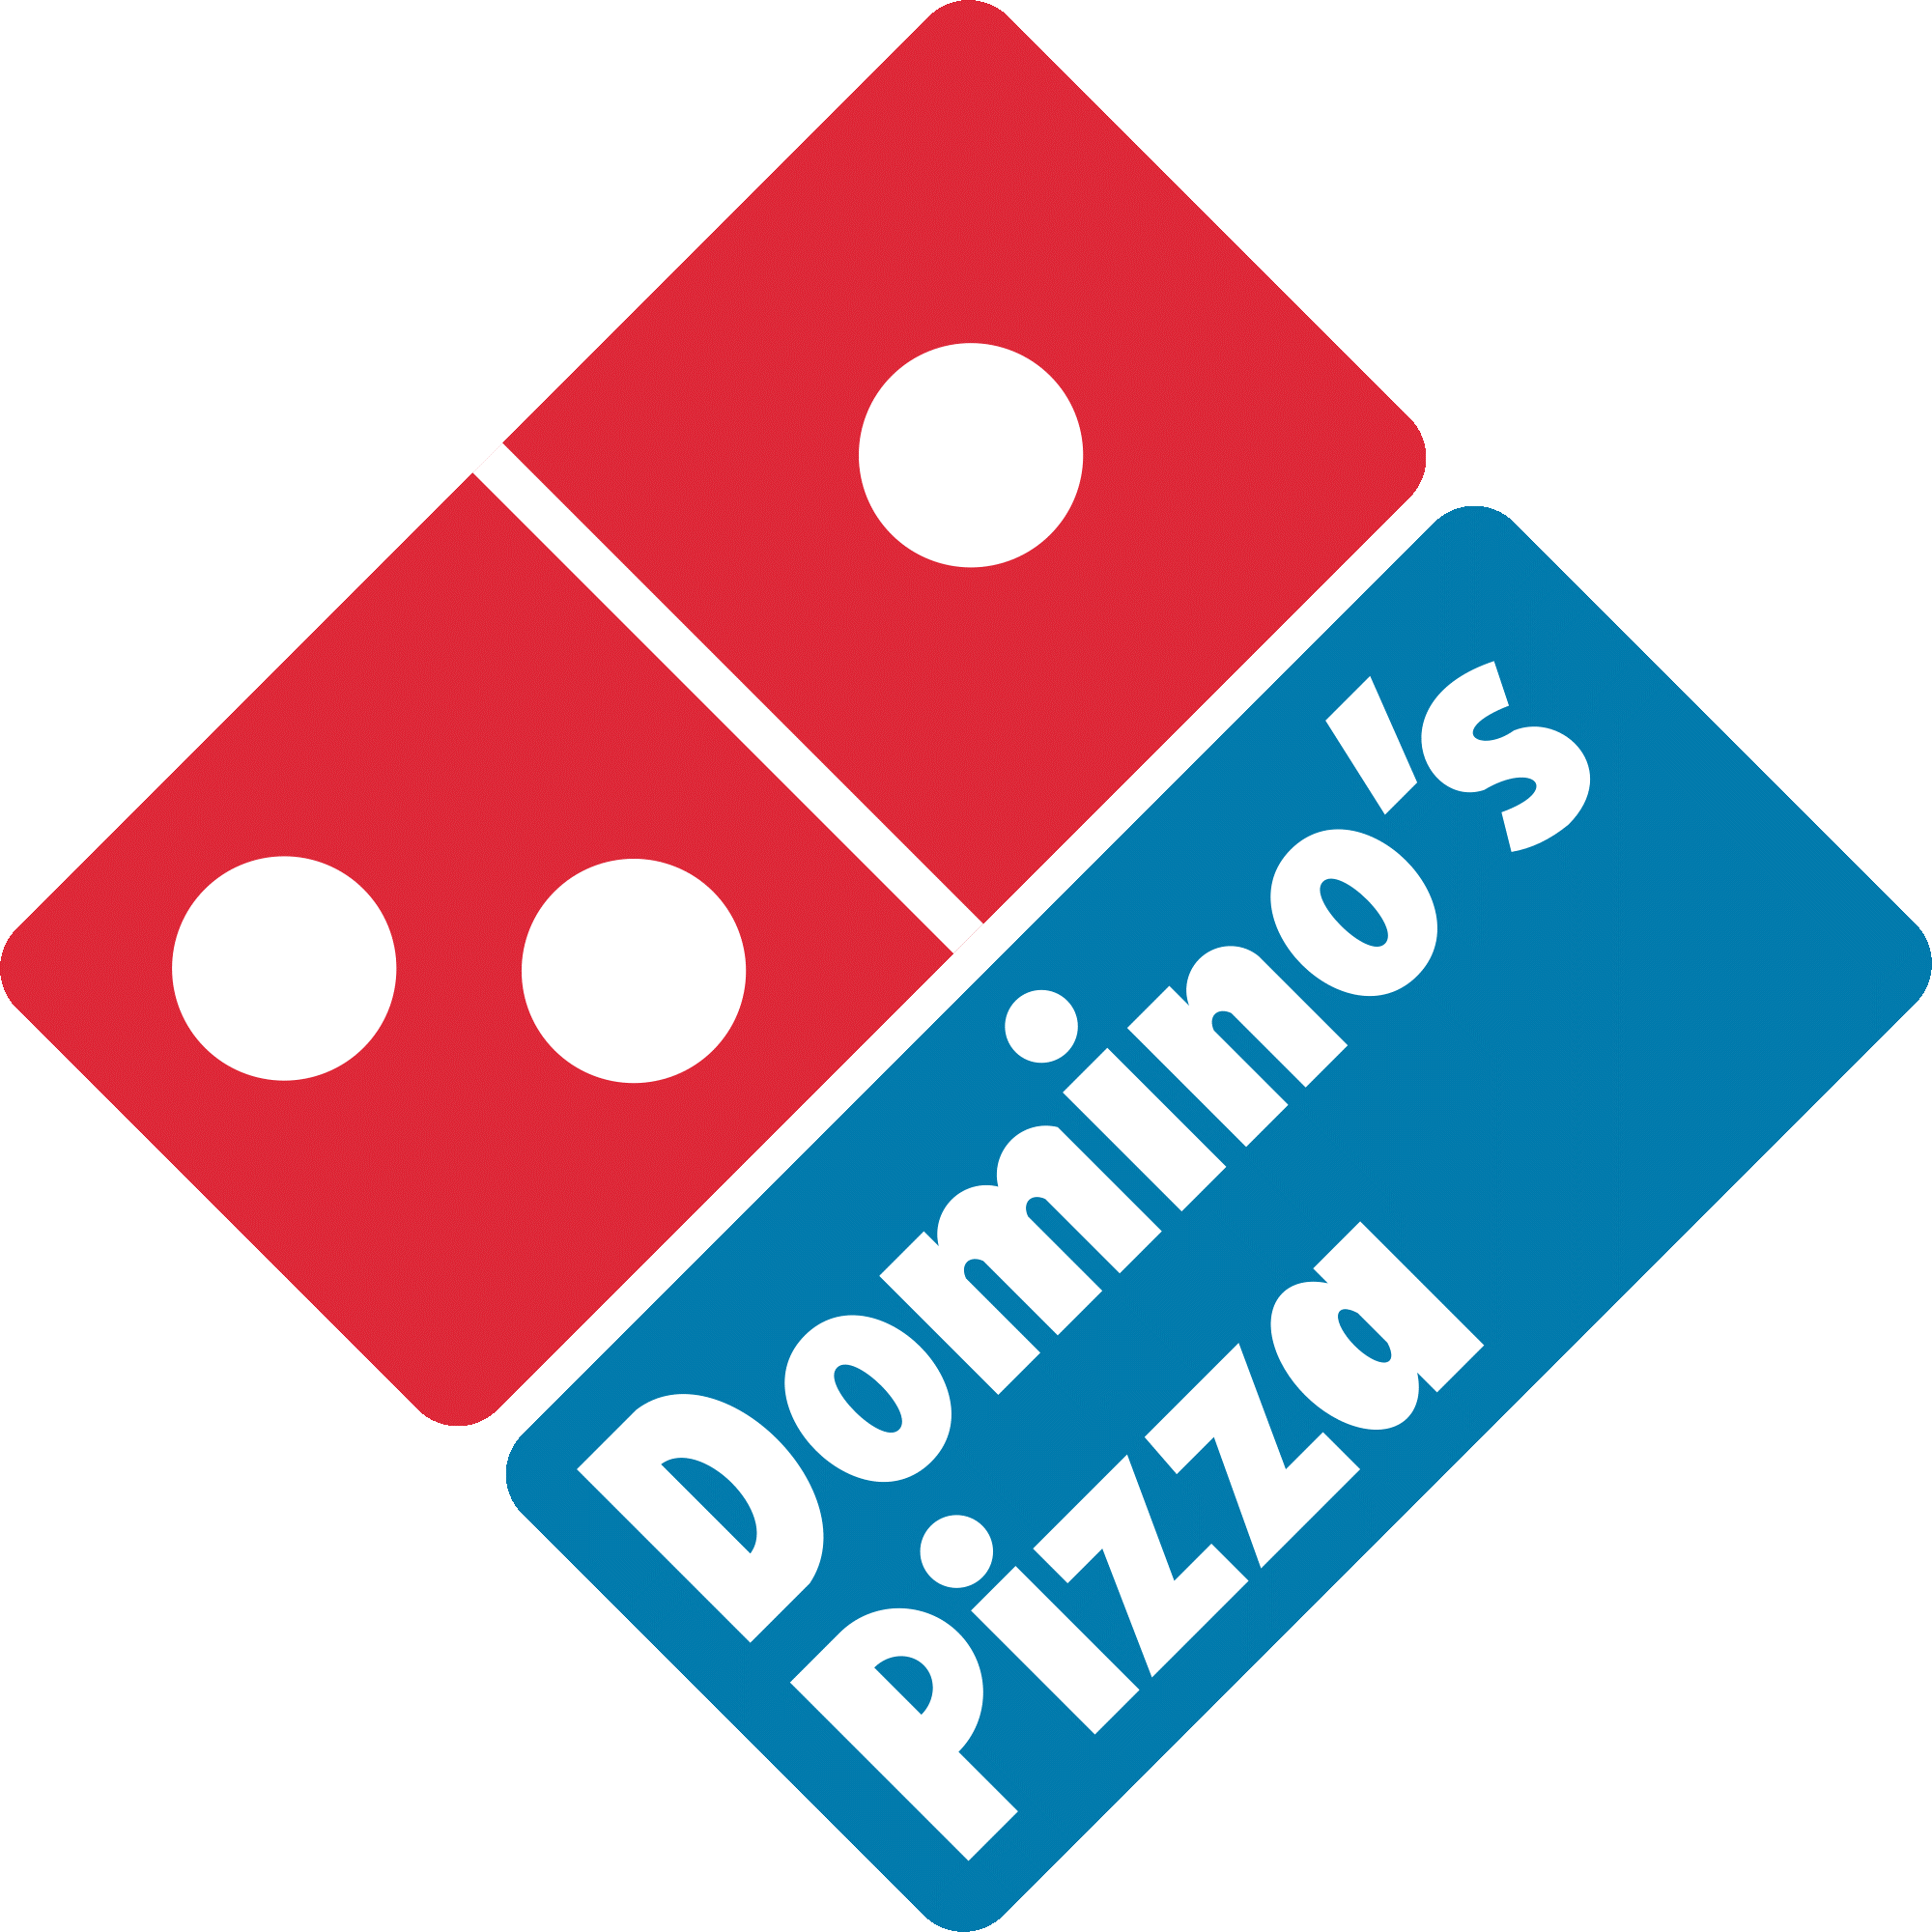 Domino's Pizza - Micro-Moments Marketing